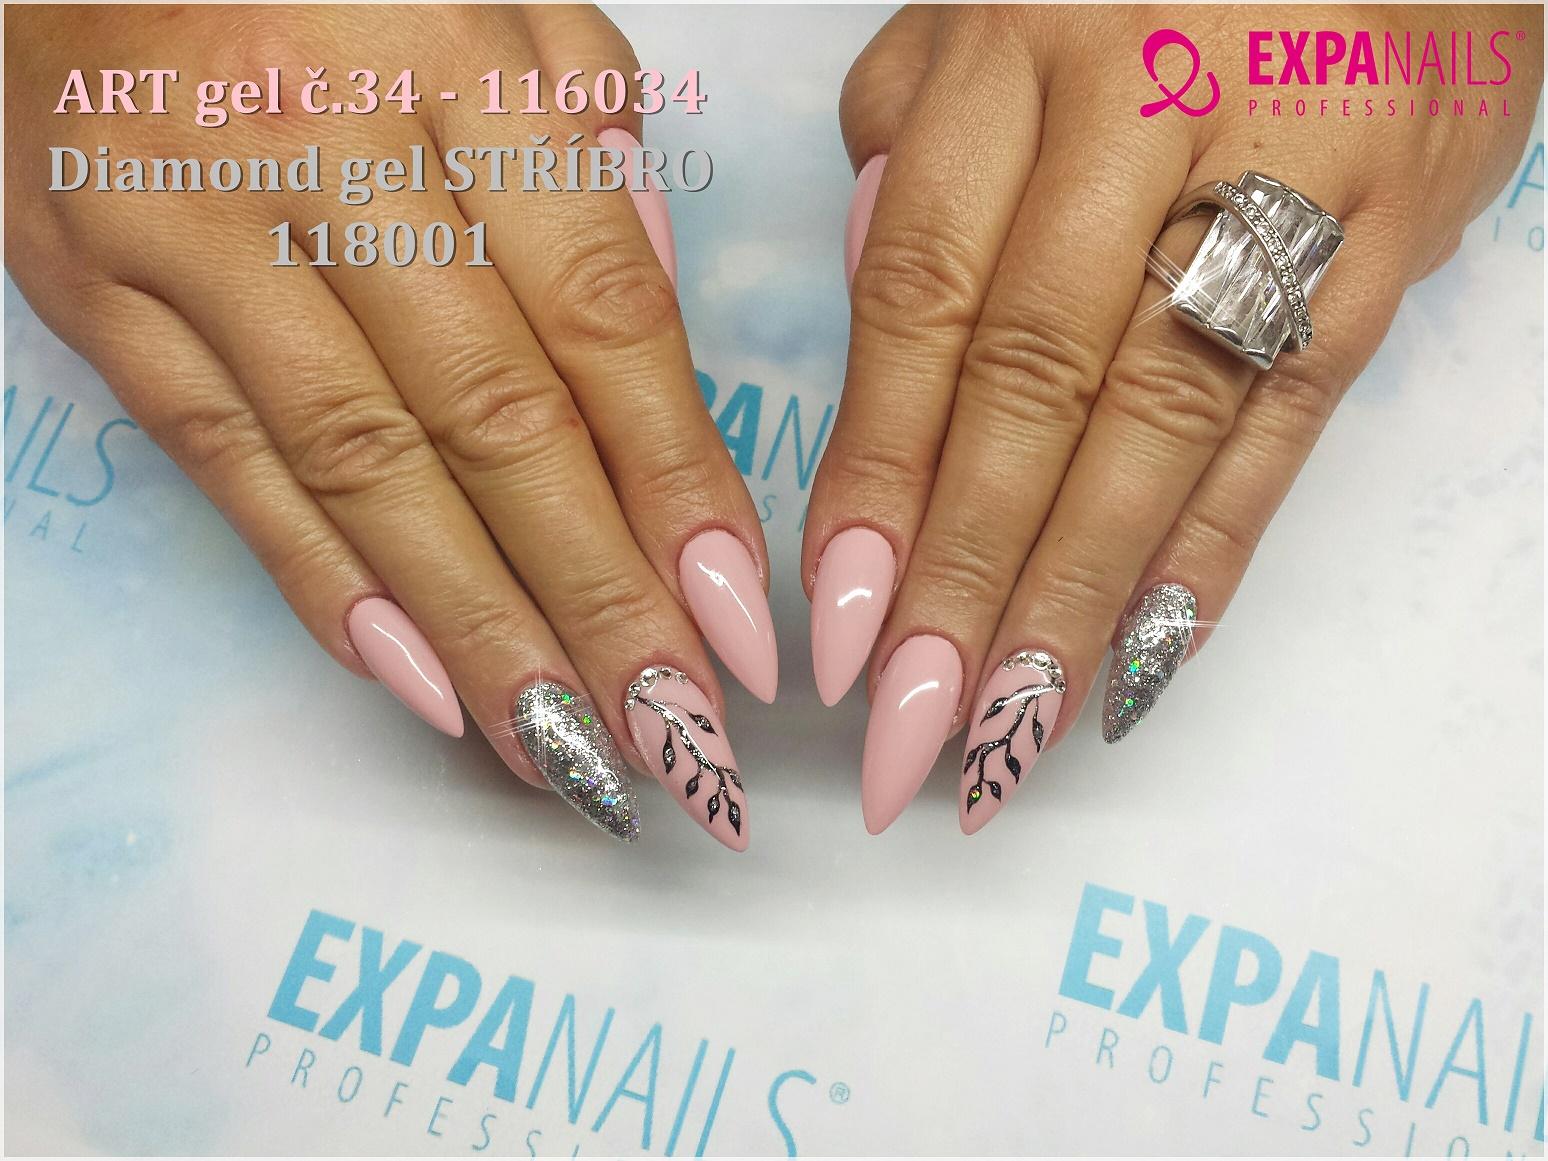 Inspirace Podzim Zima 2017 Fotogalerie Expa Nails